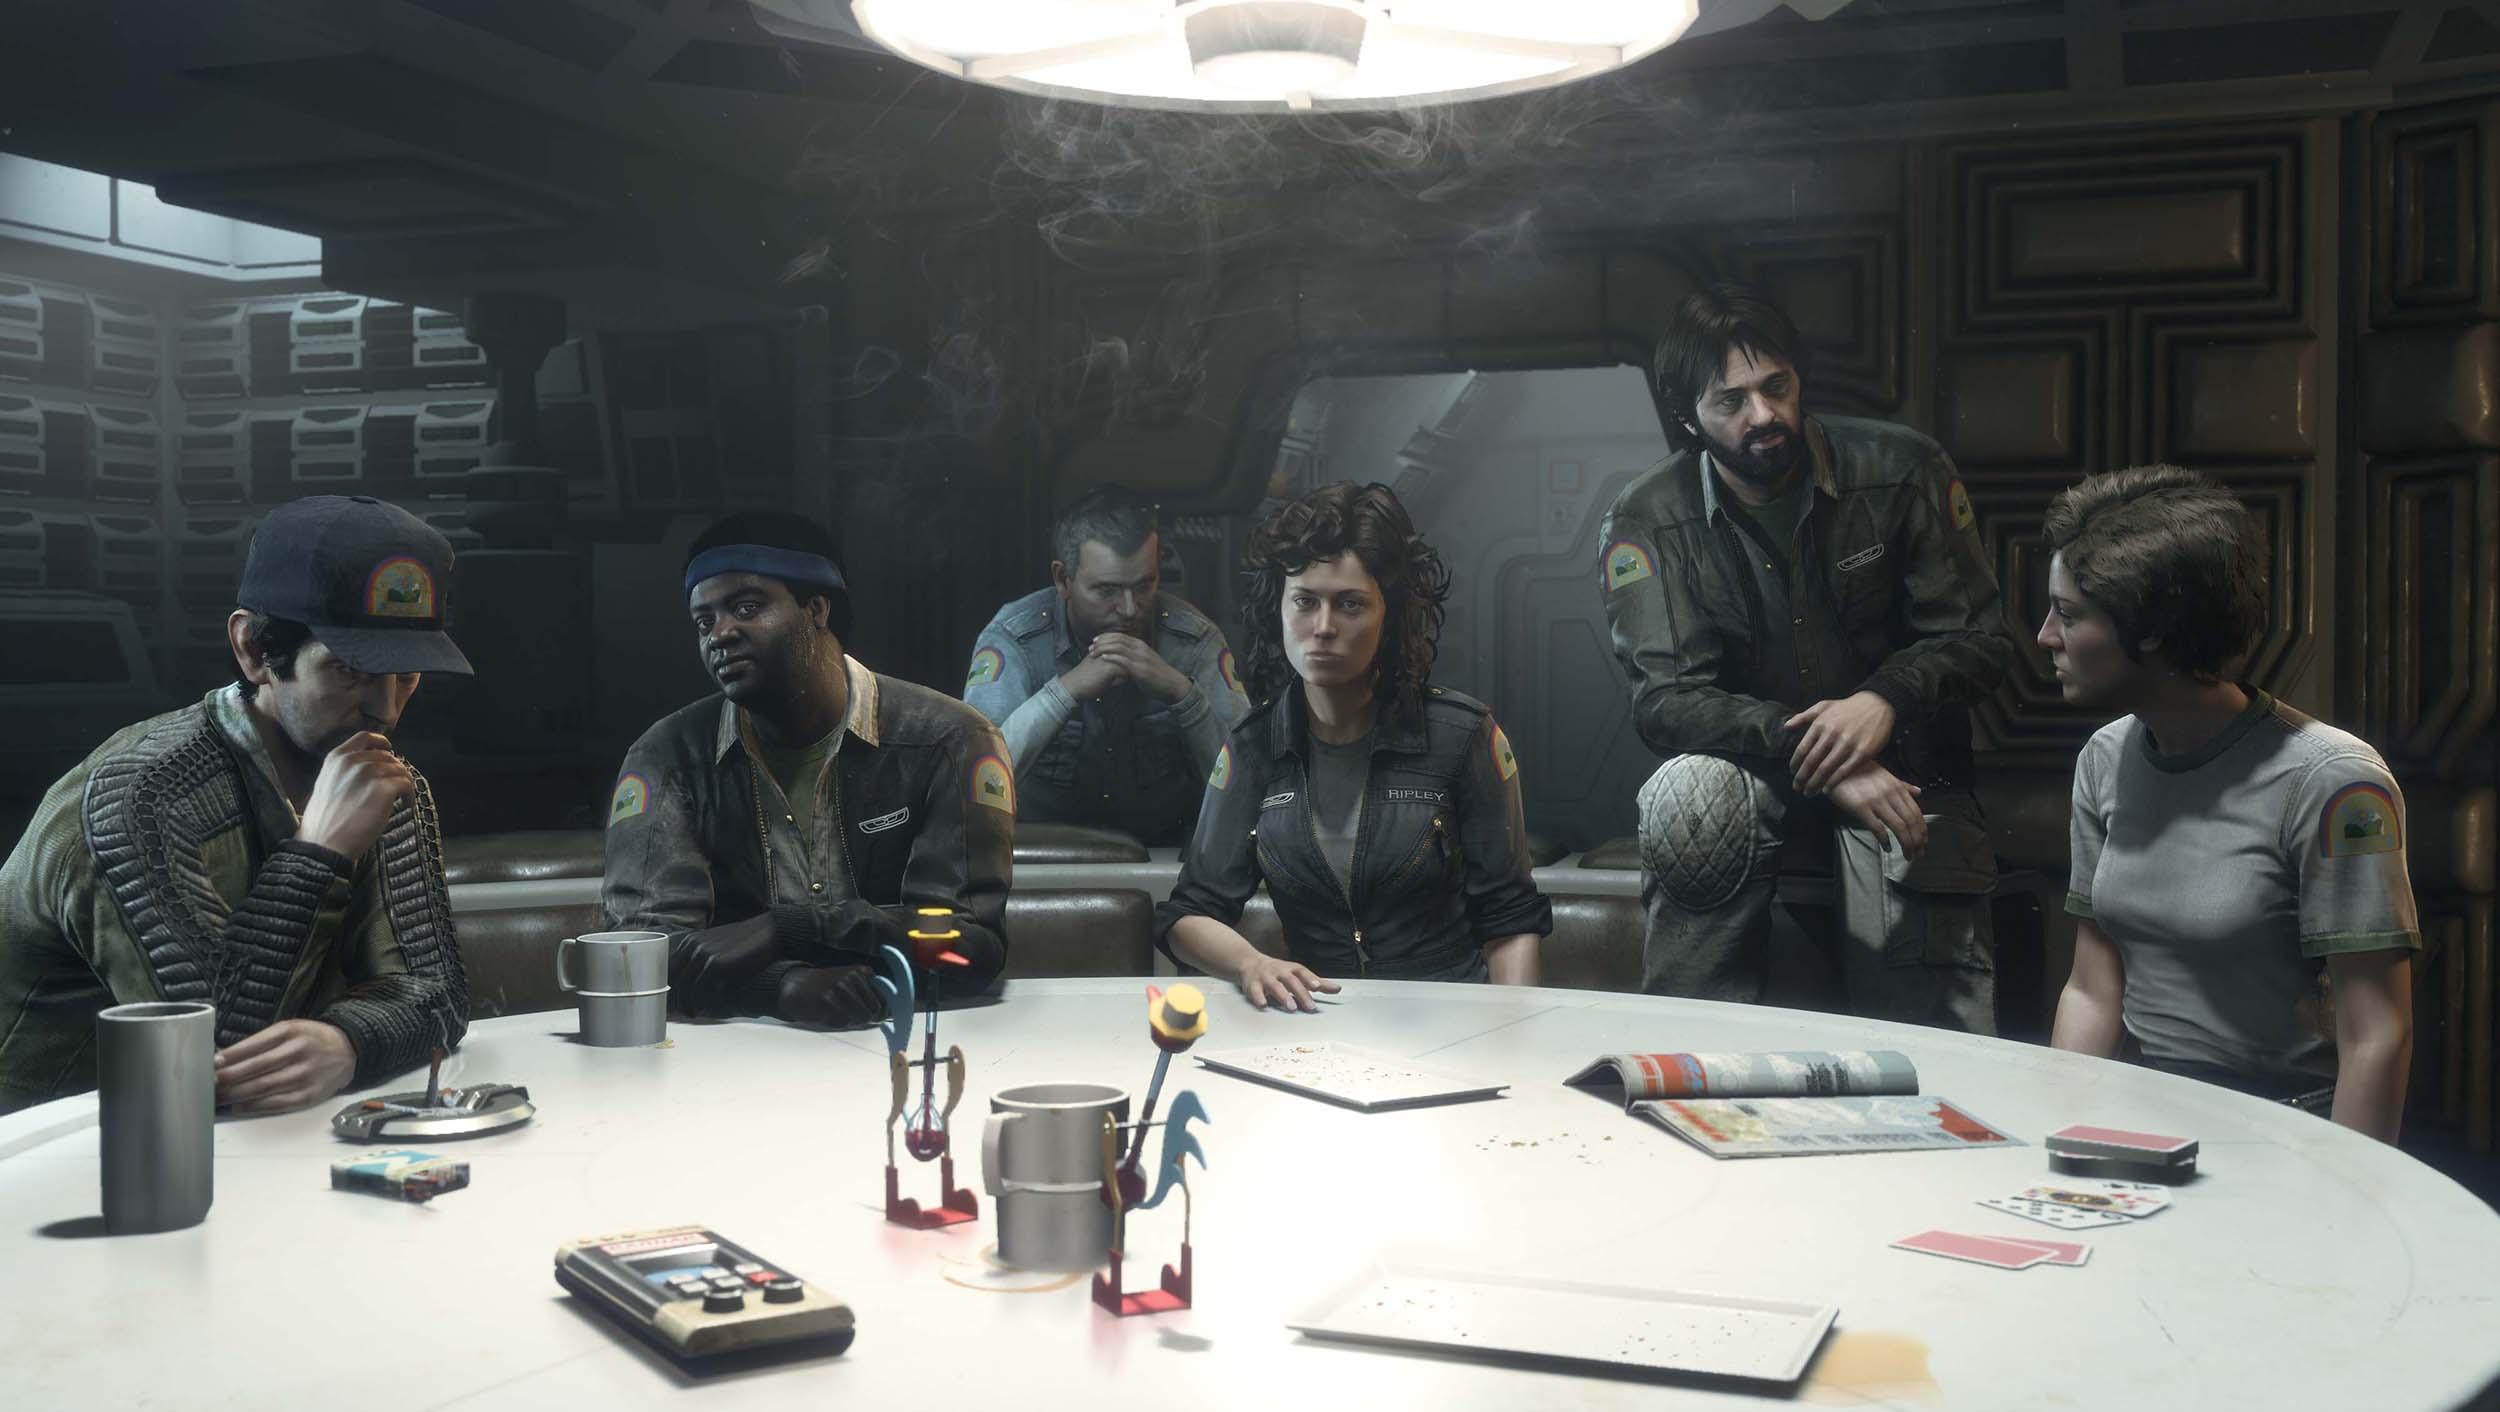 El DLC de Alien: Isolation suena más interesante que el juego original [Vídeo]